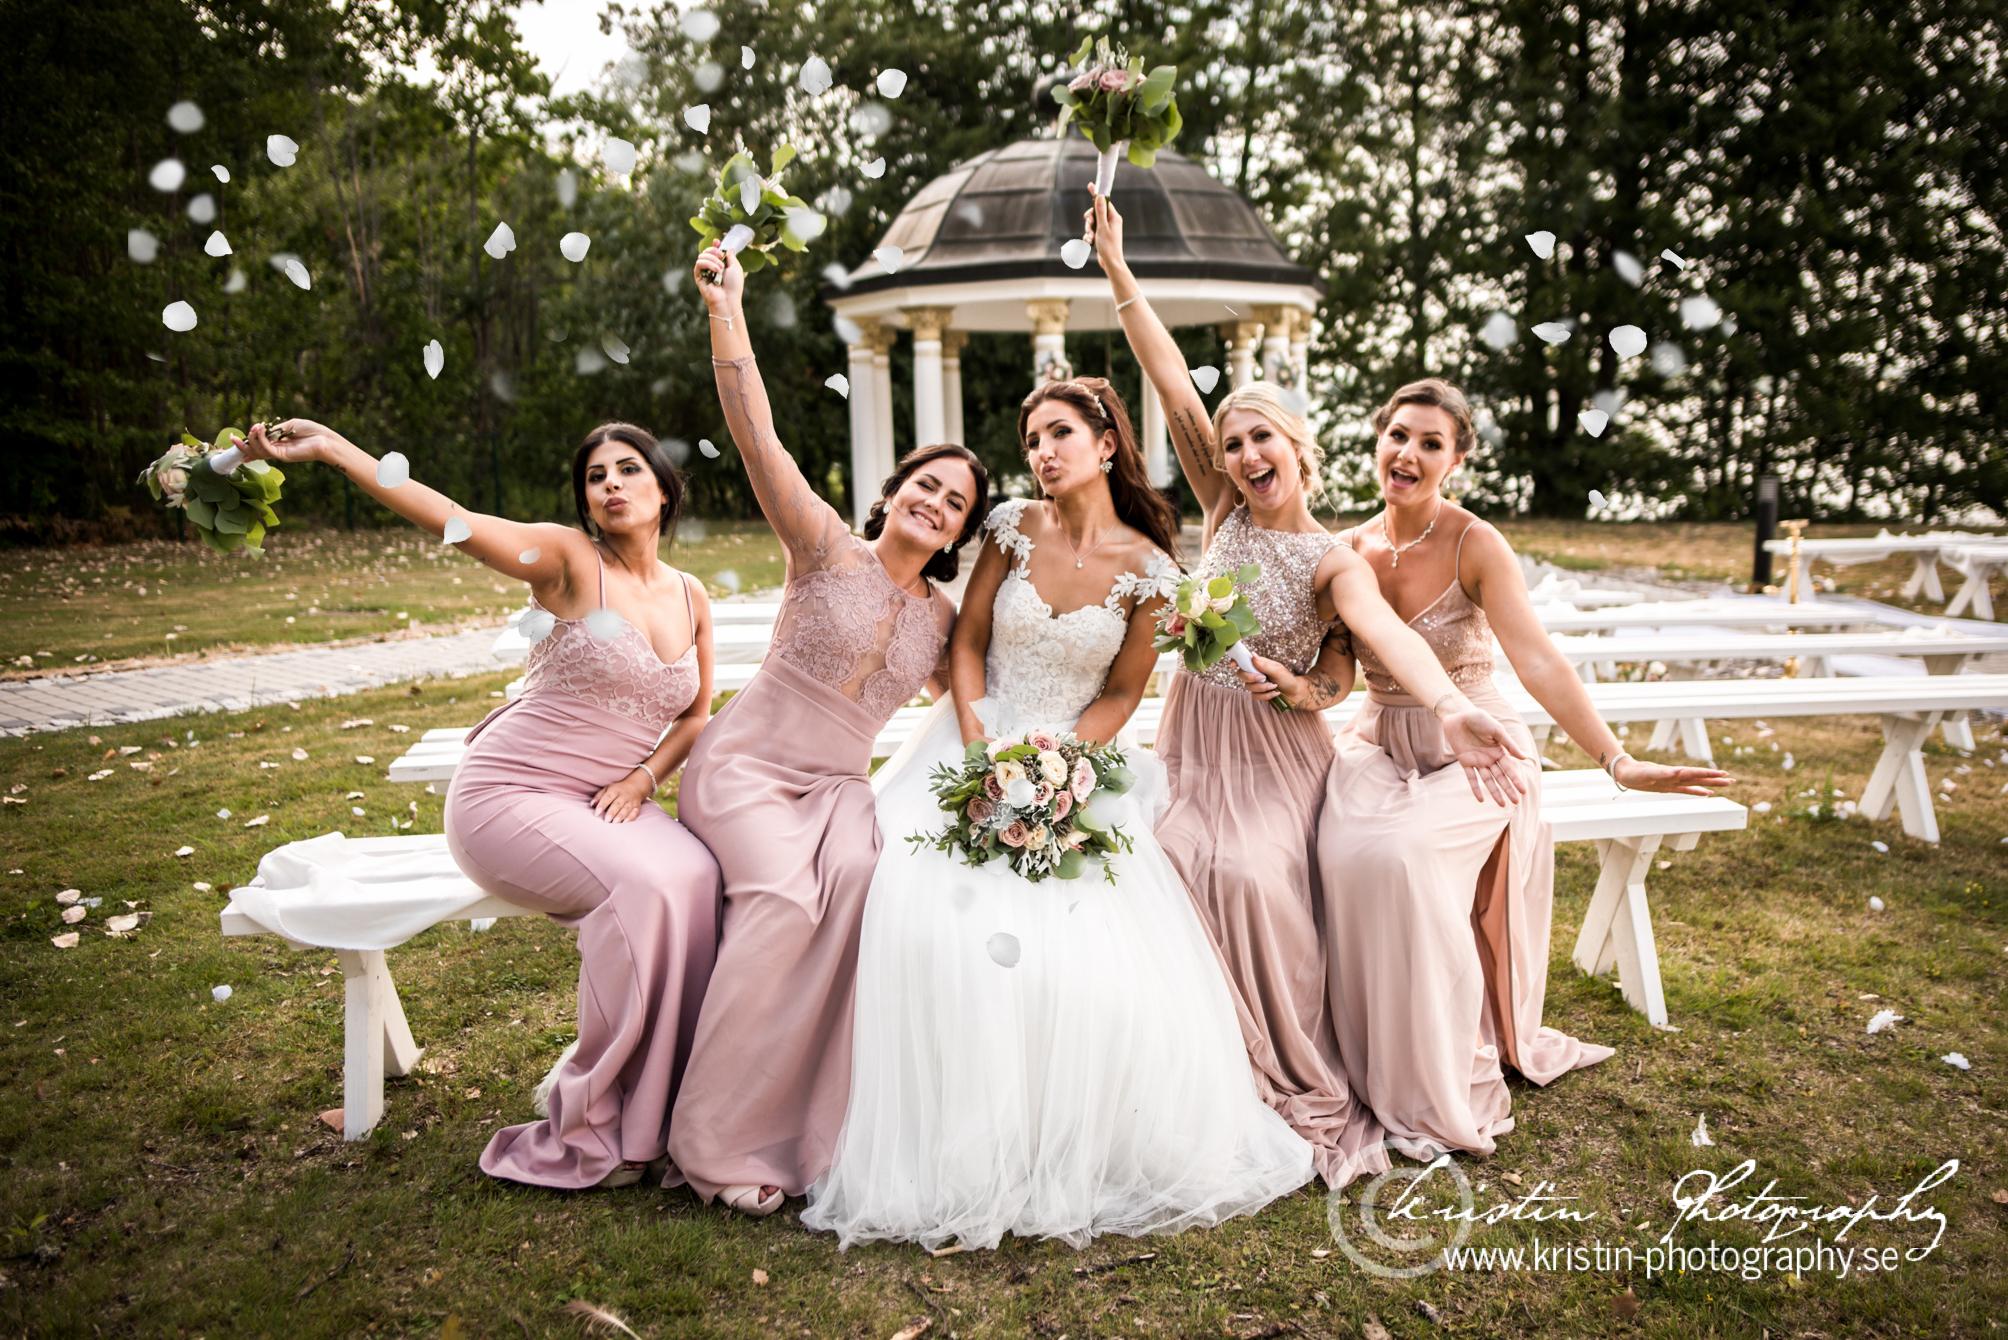 Bröllopsfotograf i Eskilstuna, Kristin - Photography-1A.jpg